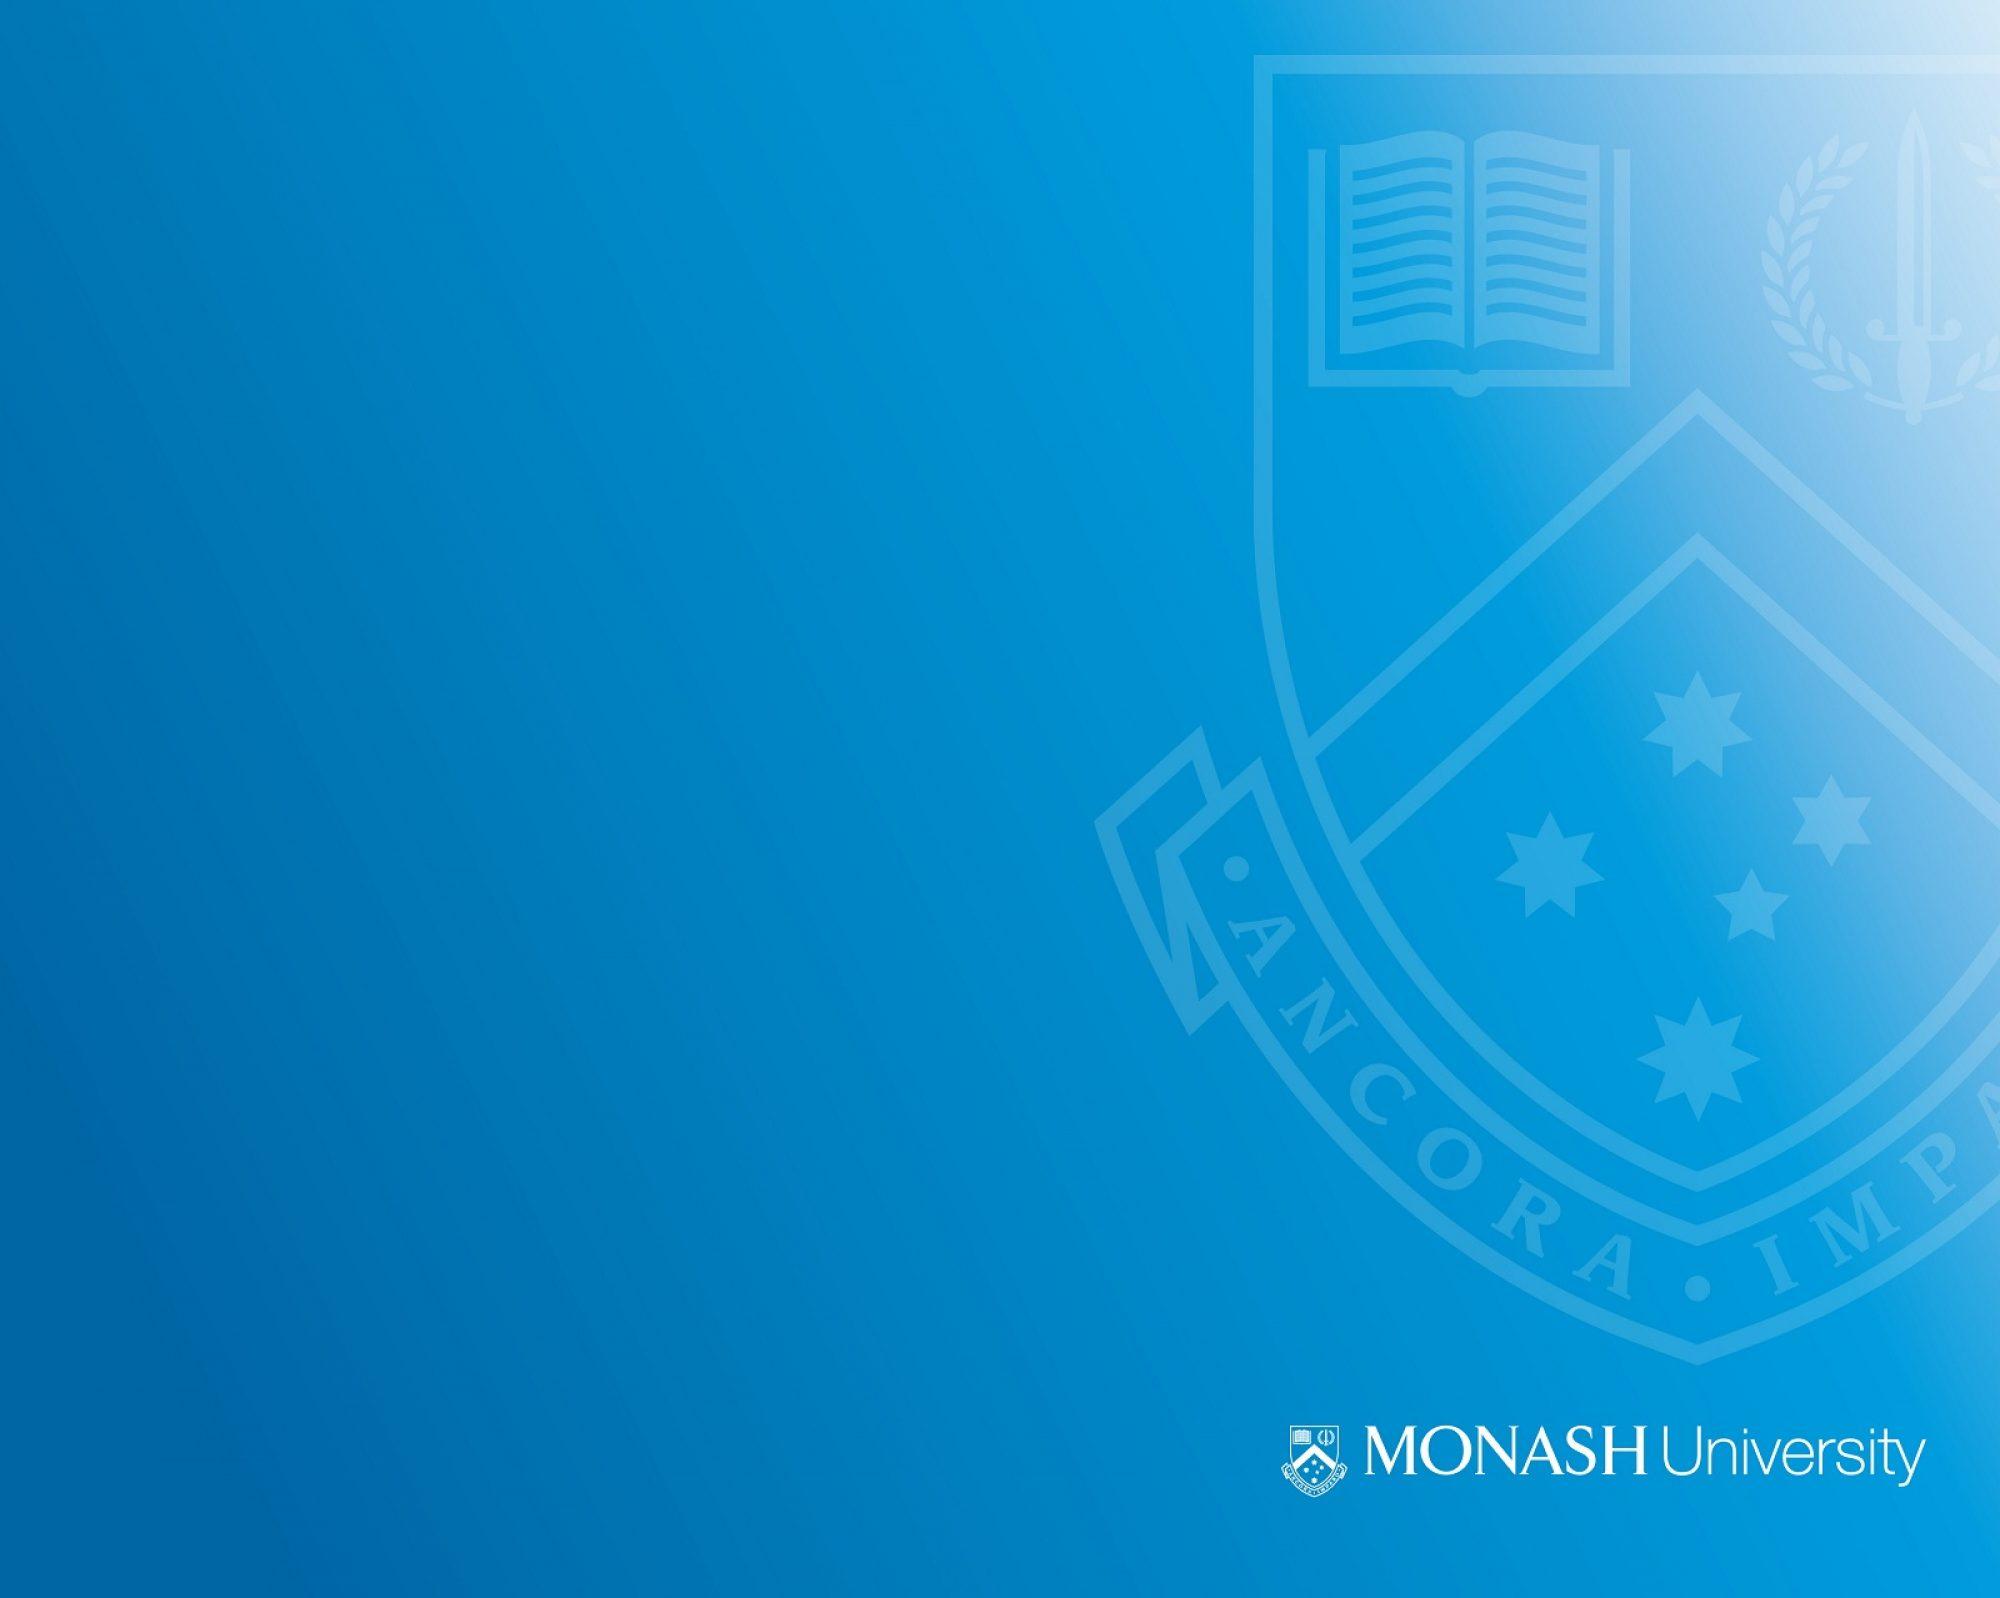 Monash University: BASE Decision Study